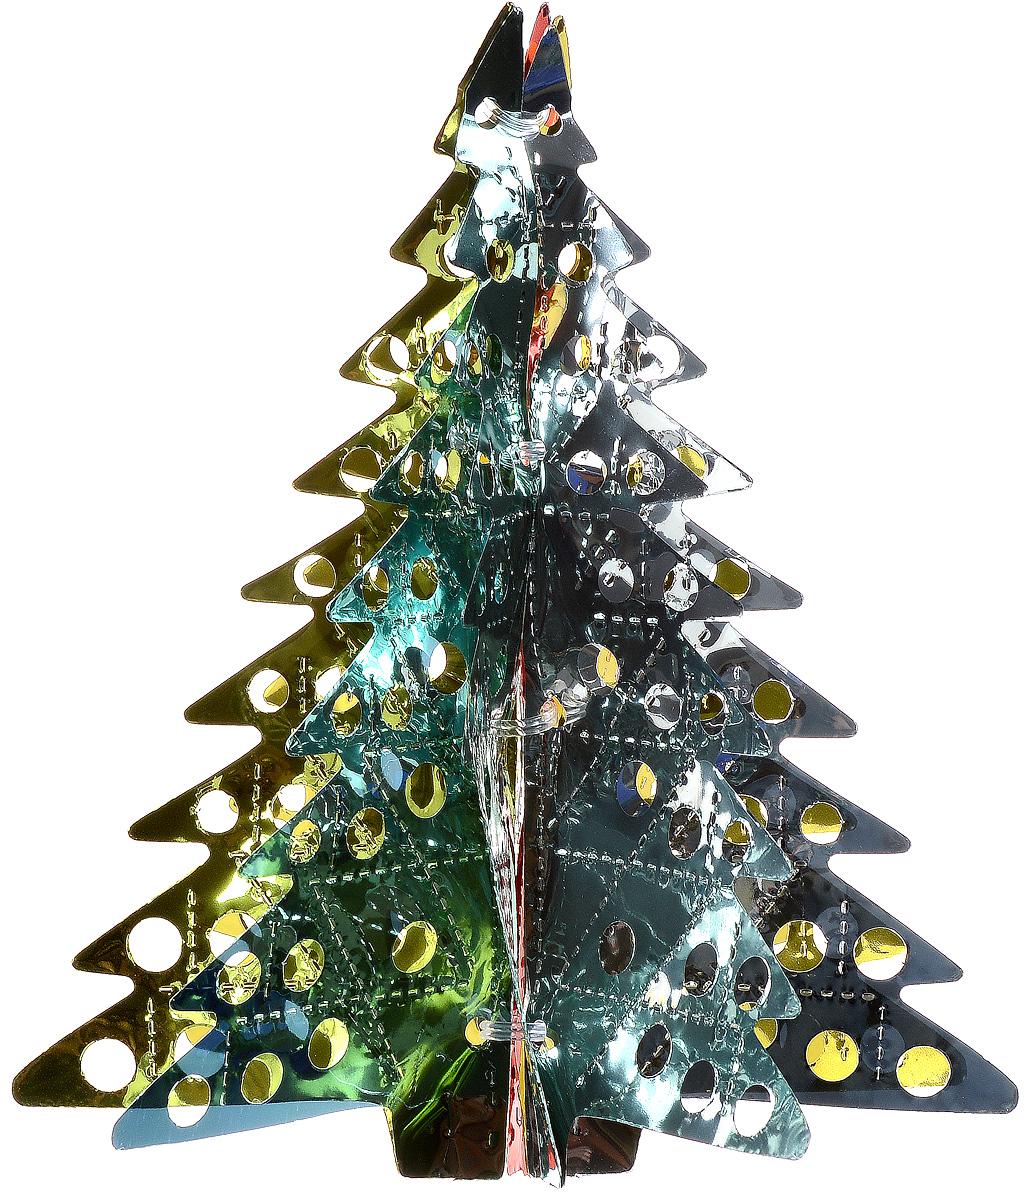 Украшение новогоднее подвесное Winter Wings Елочка, цвет: красный, желтый, бирюзовый, высота 26 смN09185_красный,желтый,бирюзовый,серебрянныйНовогоднее подвесное украшение Winter Wings Елочка, выполненное из разноцветного ПВХ, прекрасно подойдет для праздничного декора дома. С помощью специальной петельки украшение можно подвесить в любом понравившемся вам месте. Легко складывается и раскладывается. Новогодние украшения несут в себе волшебство и красоту праздника. Они помогут вам украсить дом к предстоящим праздникам и оживить интерьер по вашему вкусу. Создайте в доме атмосферу тепла, веселья и радости, украшая его всей семьей.